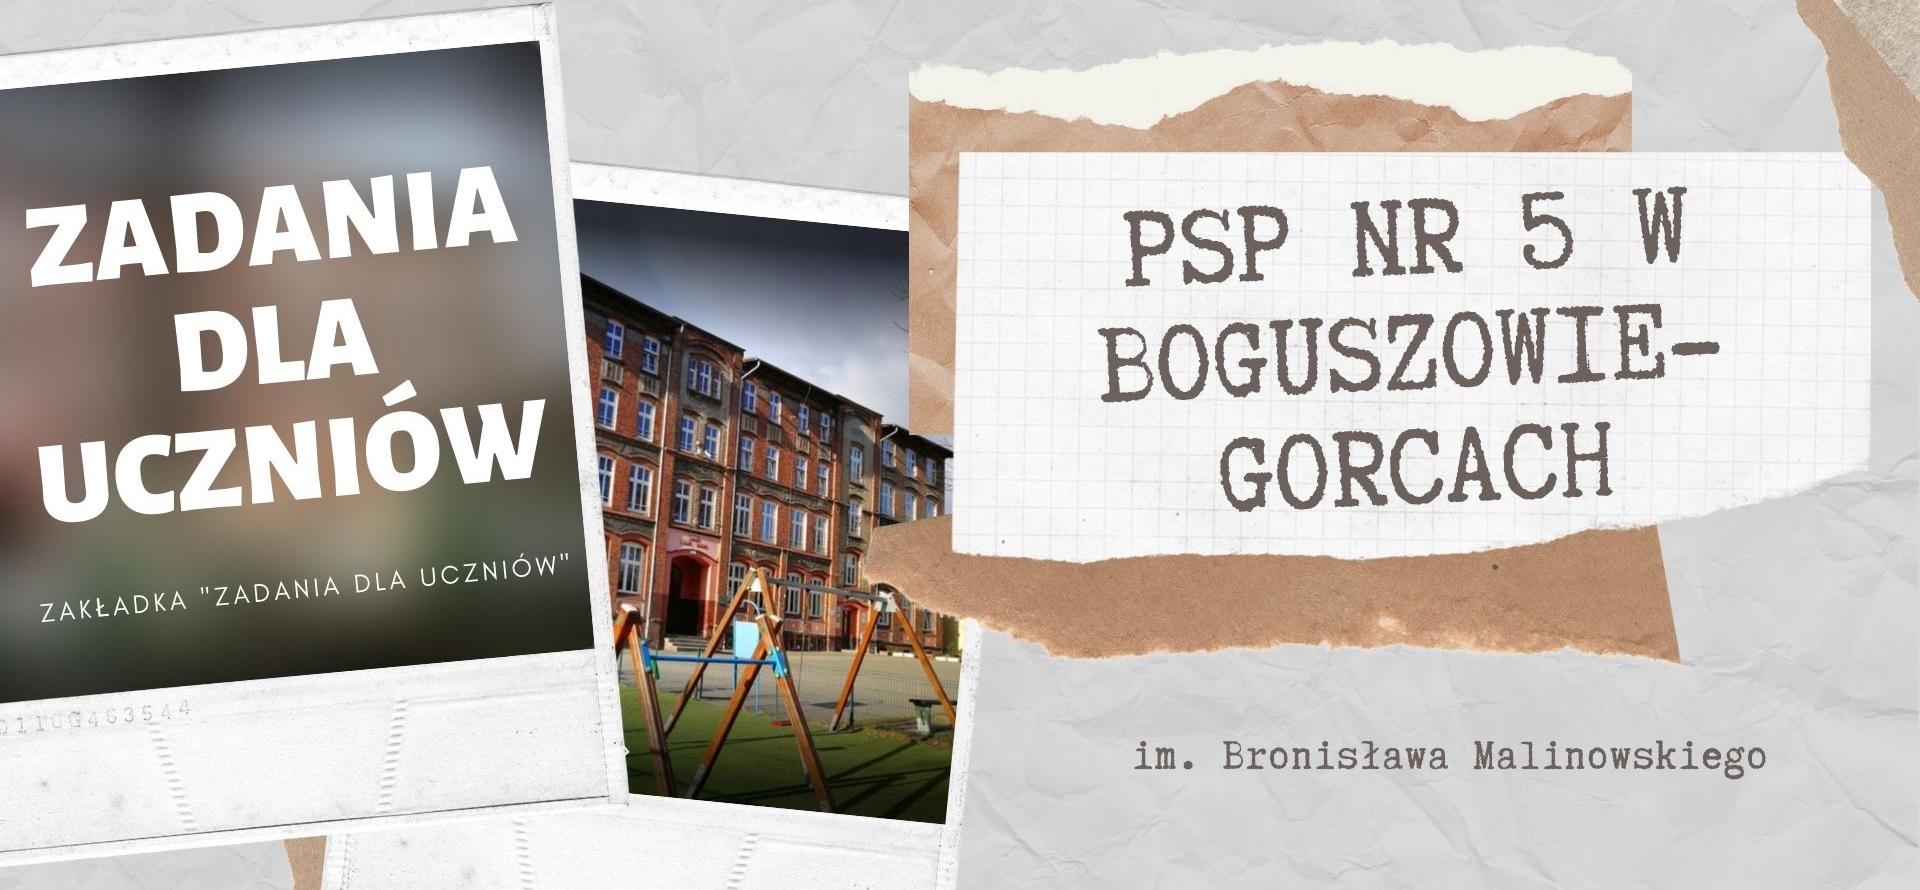 Publiczna Szkoła Podstawowa numer 5 w BOGUSZOWIE-GORCACH